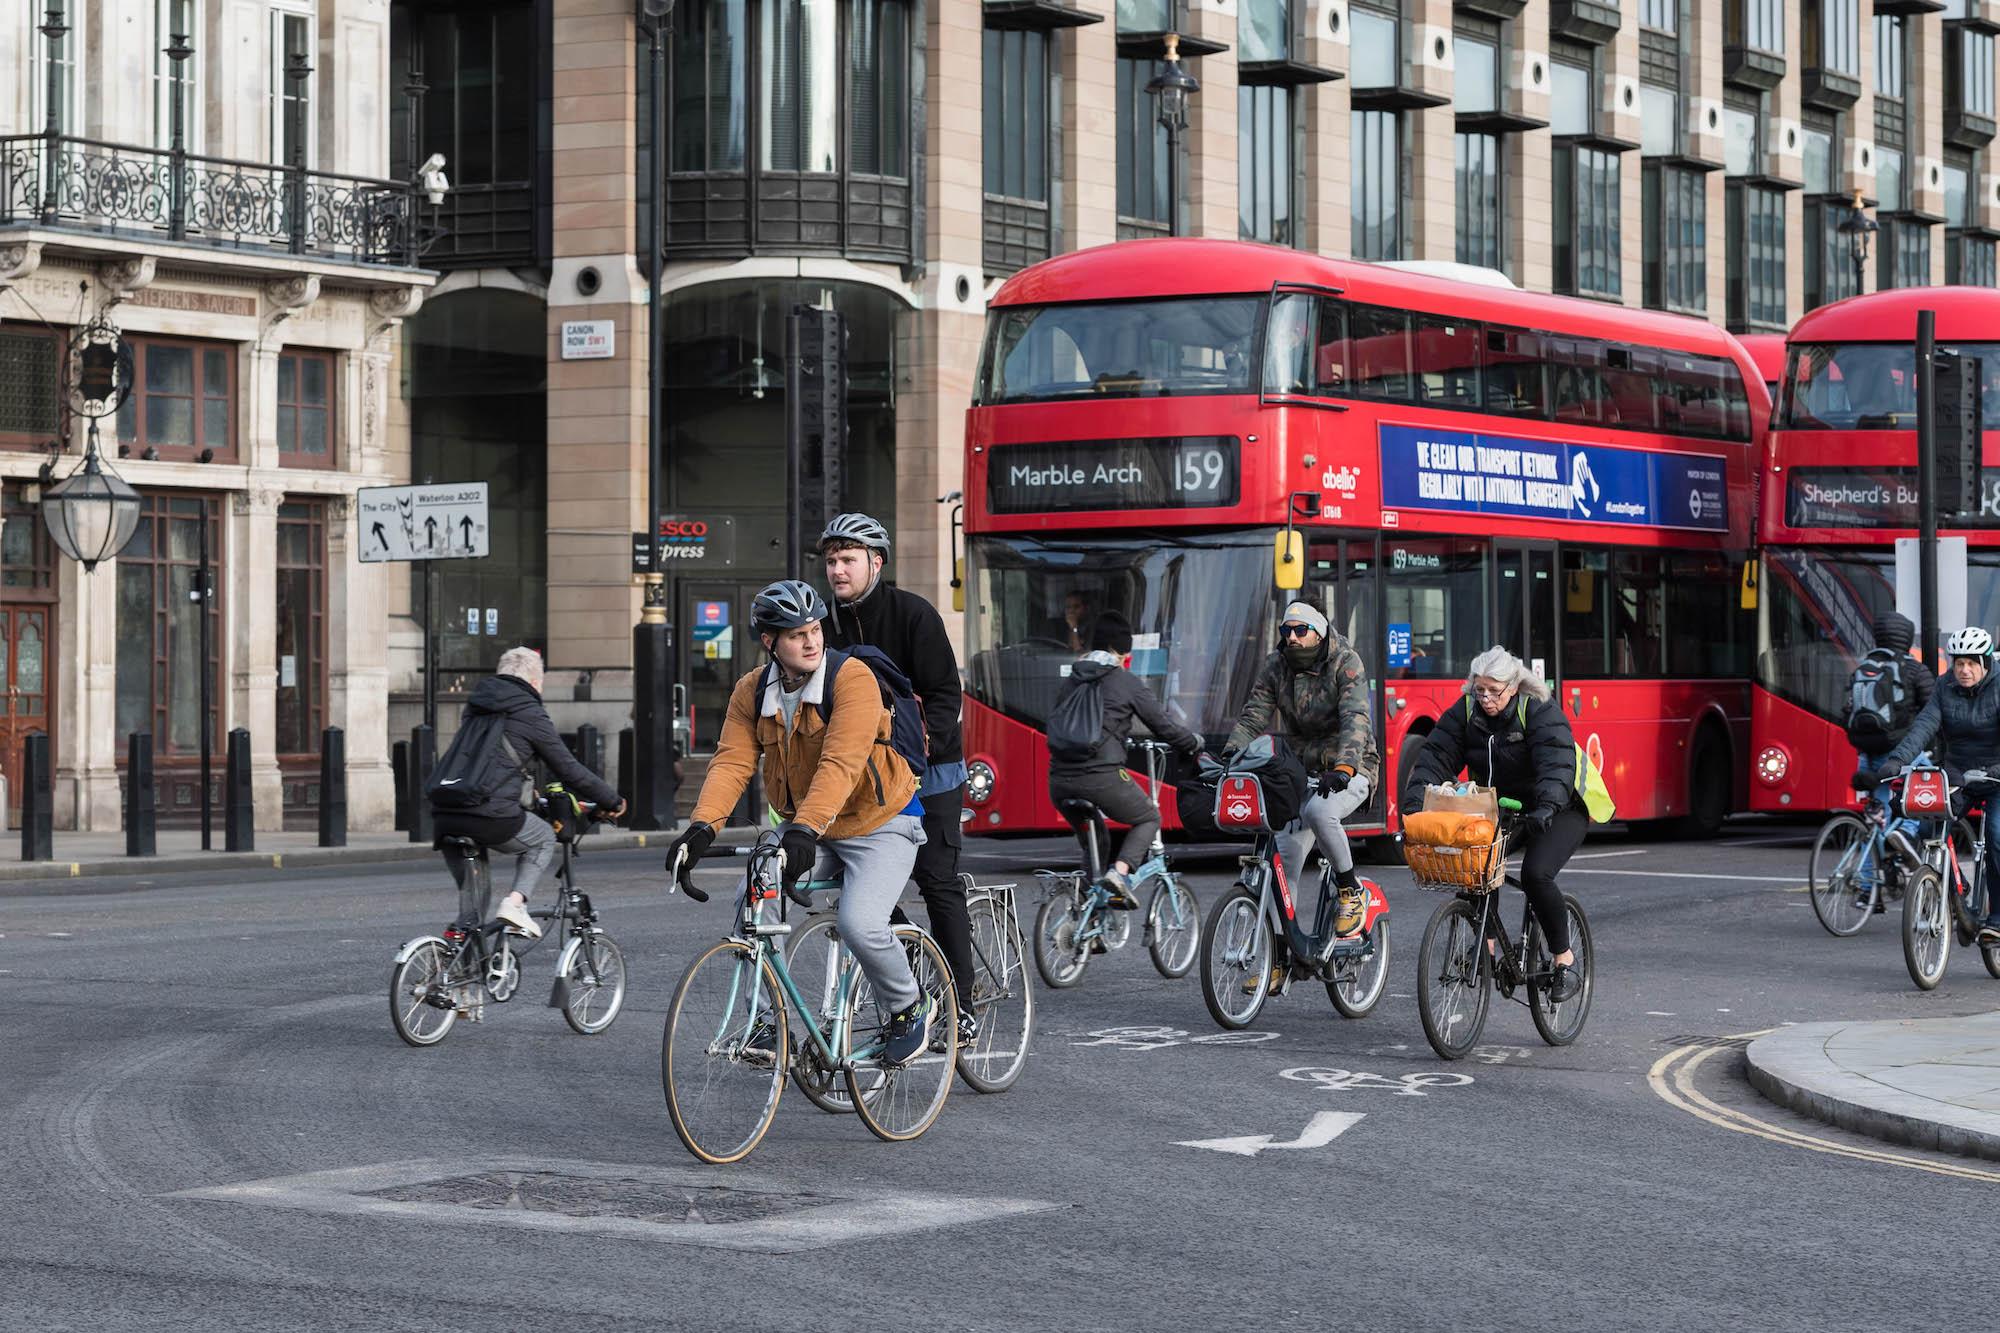 Il consiglio di Londra rivedrà la decisione di abbattere la pista ciclabile da £ 320.000 dopo sole sette settimane